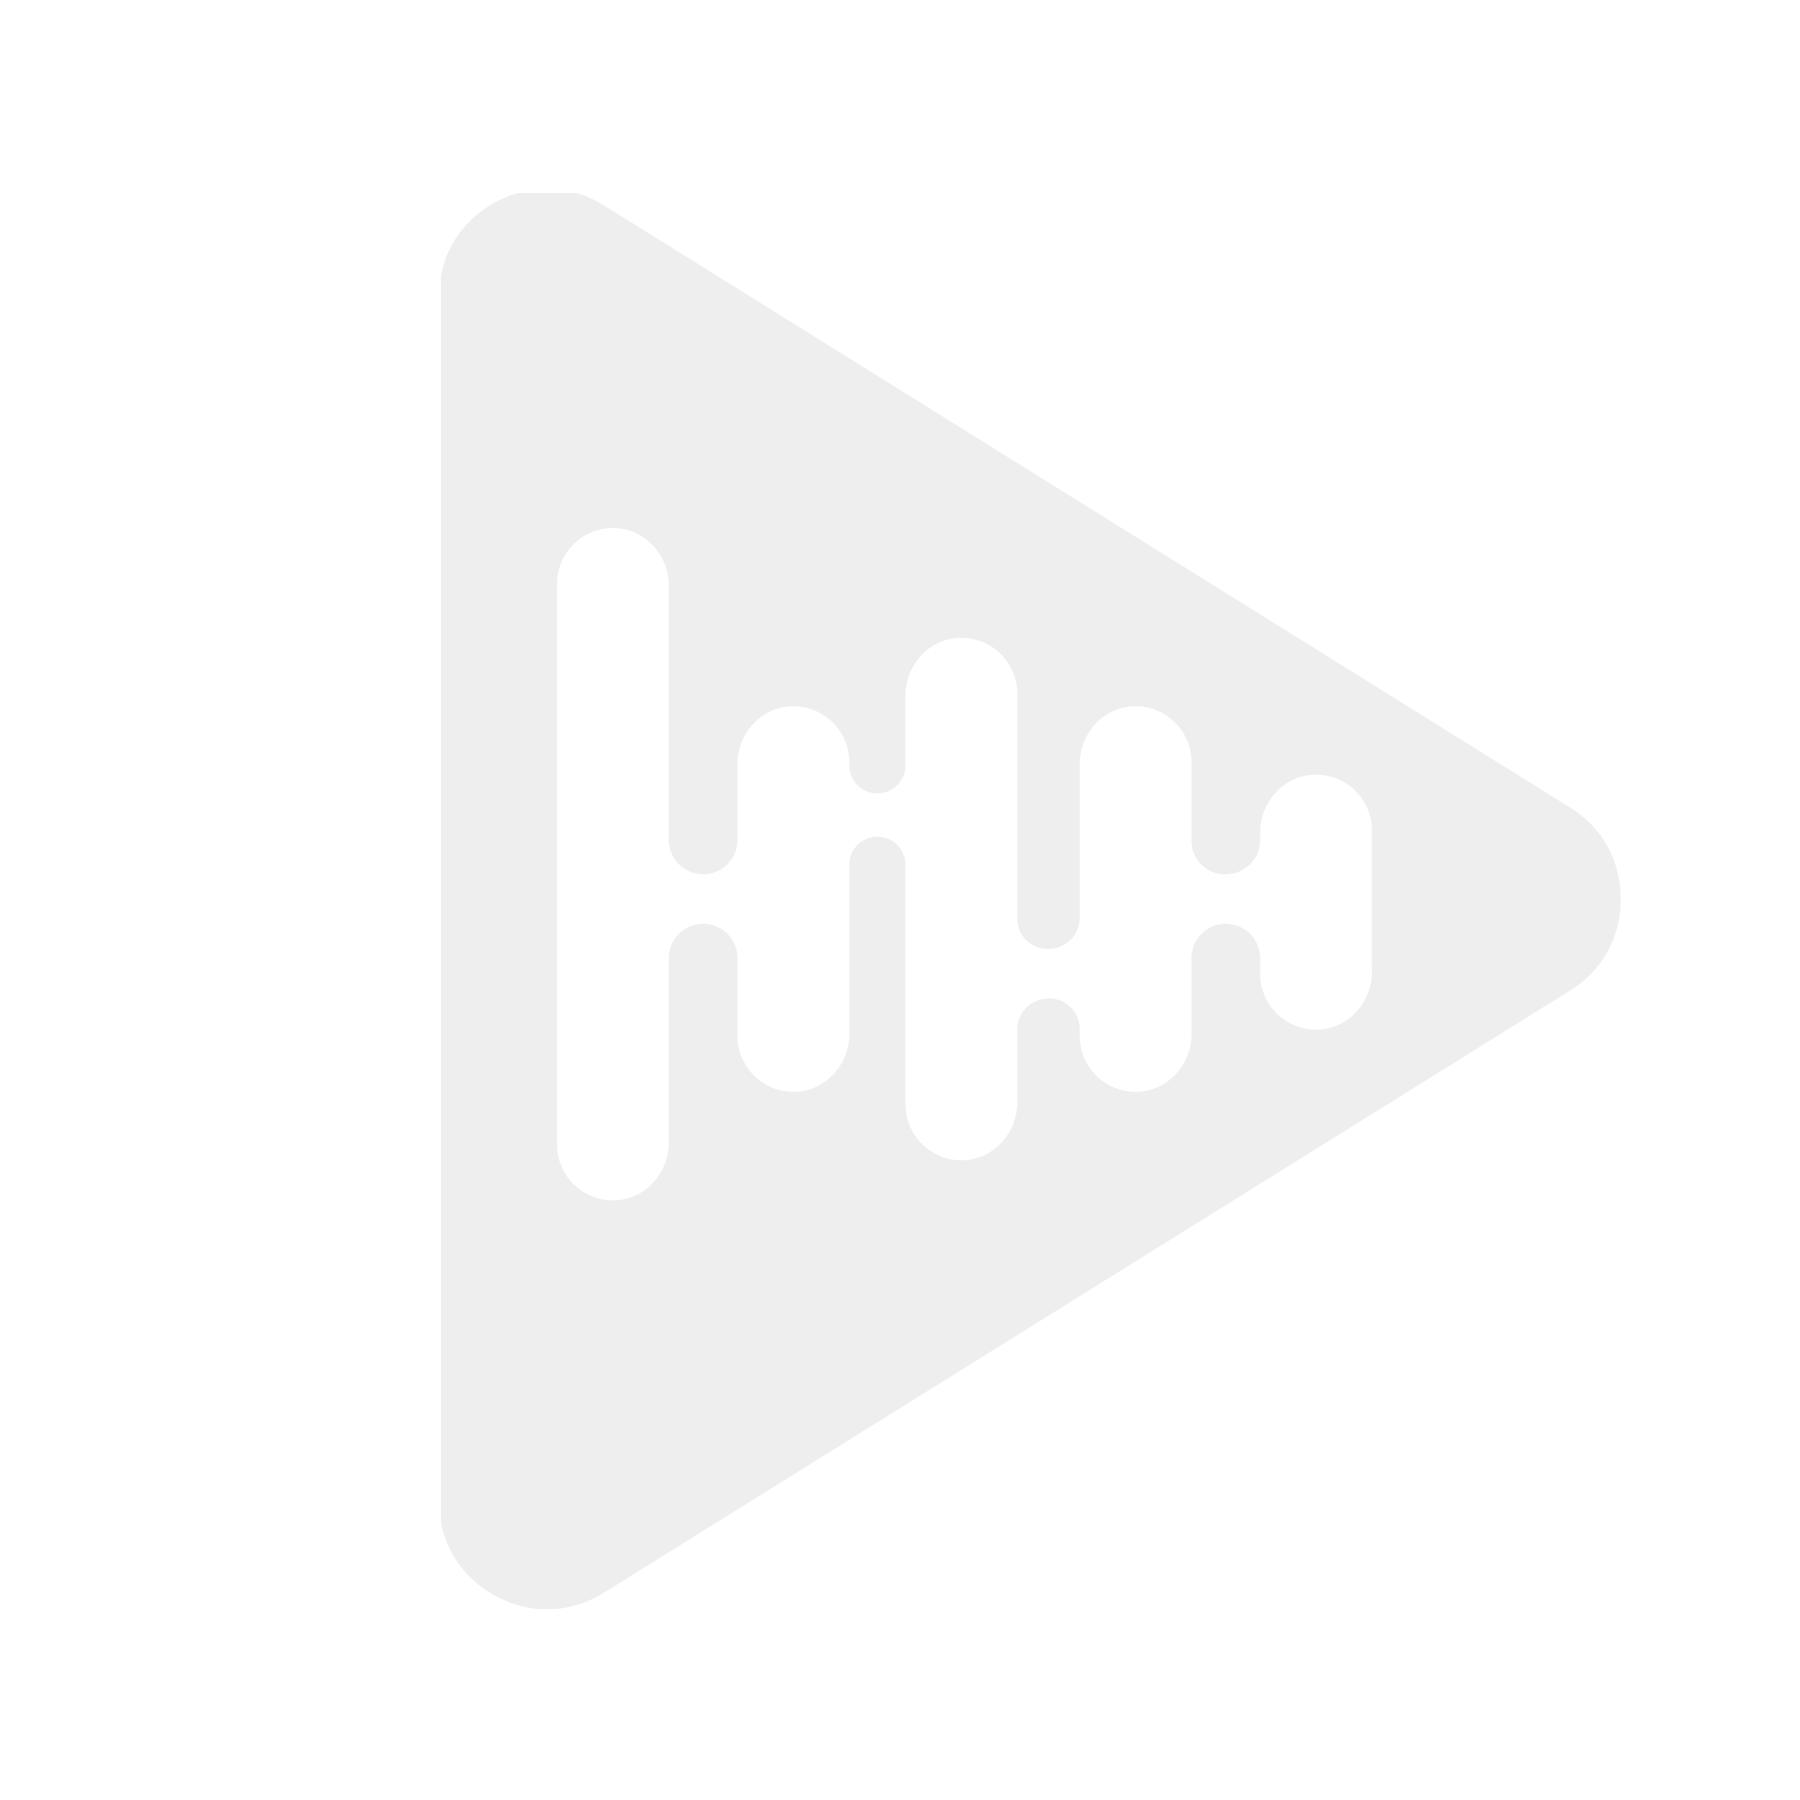 Speedsignal B-3474765-PDC